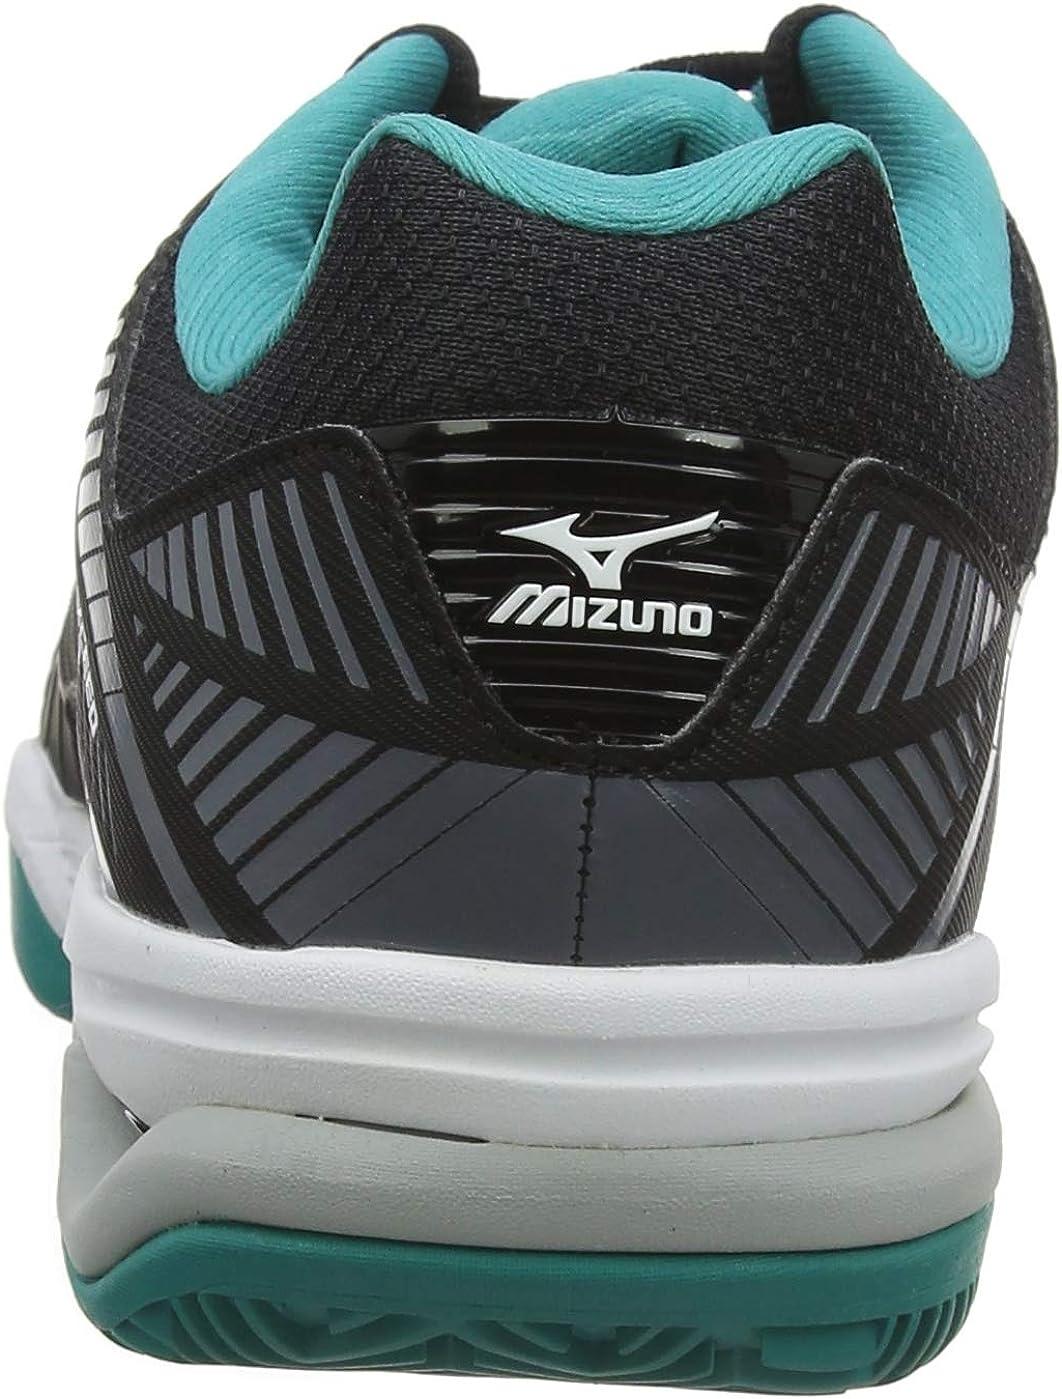 Mizuno Wave Exceed Tour 3 CC, Zapatillas de Tenis Unisex Adulto ...